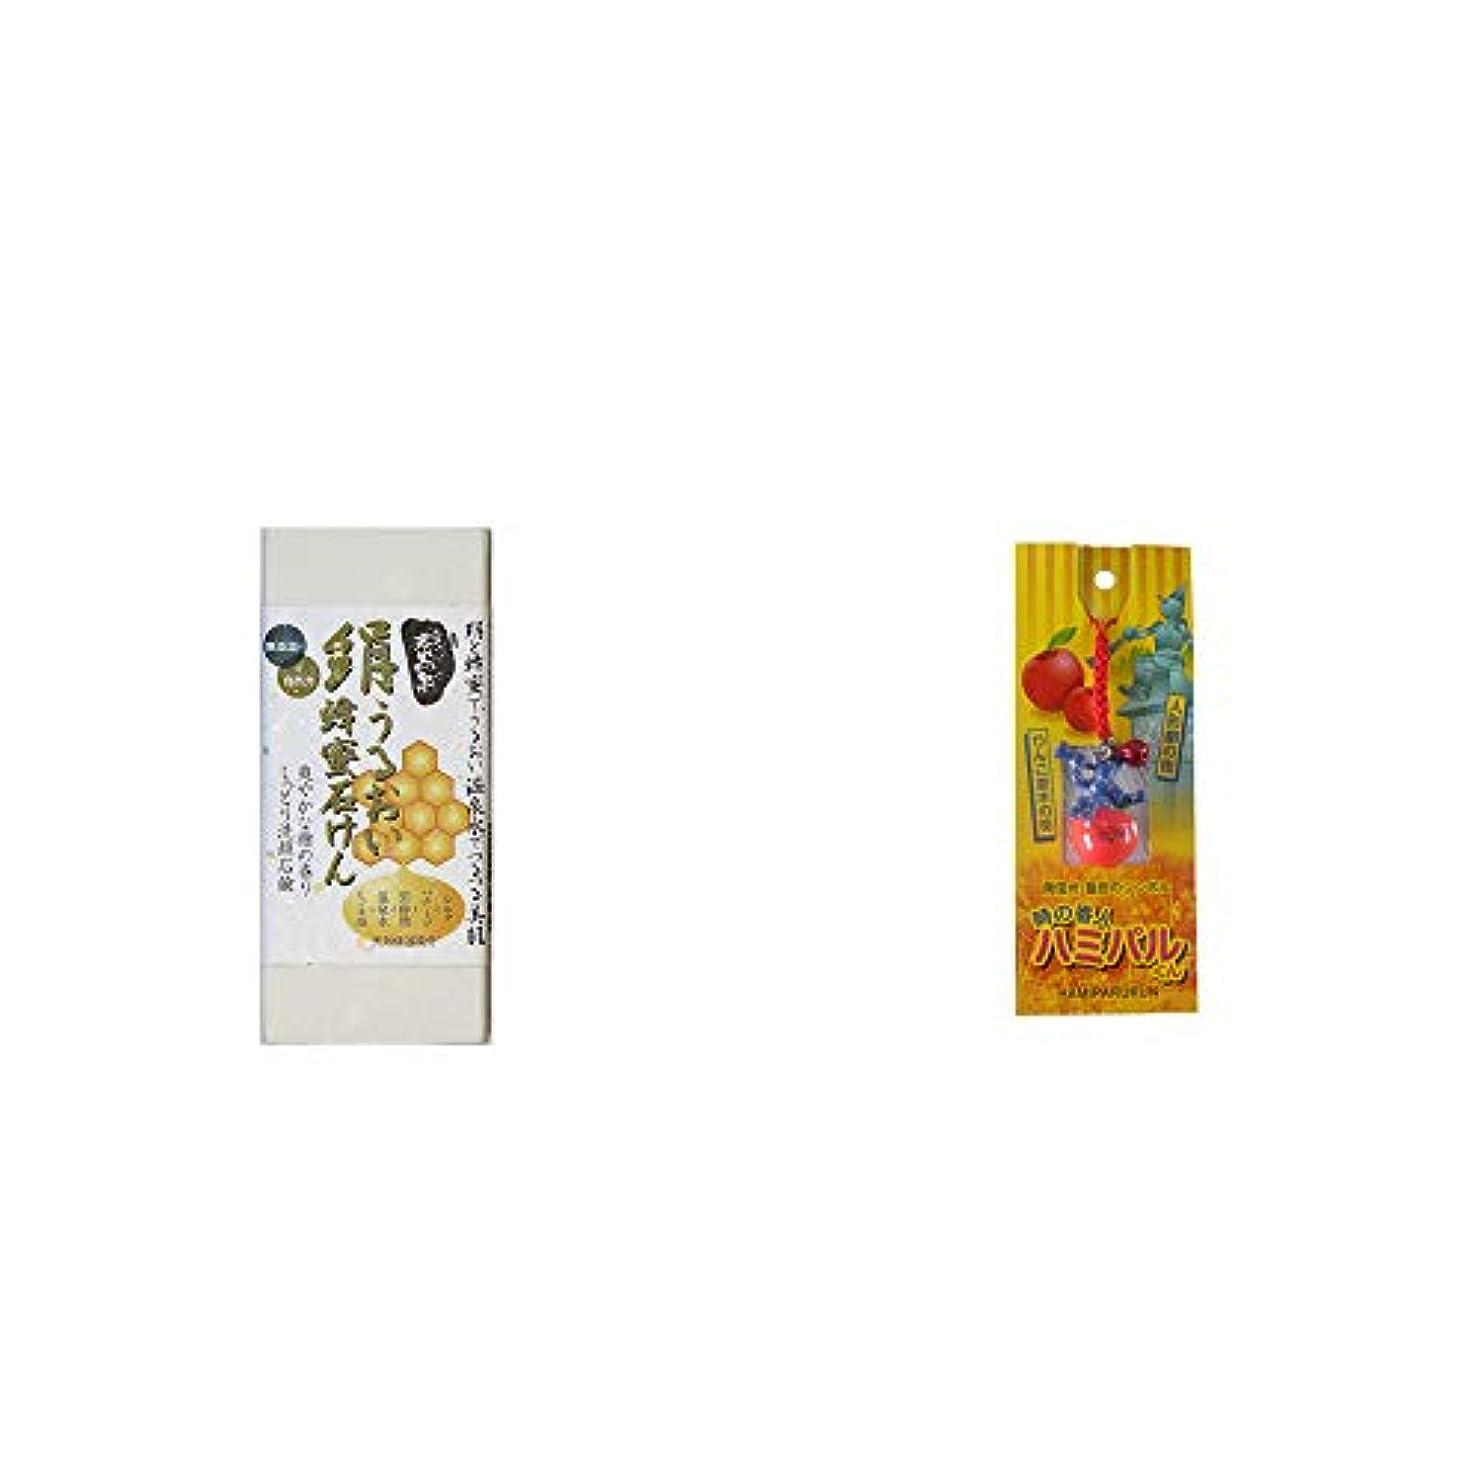 廃棄そしてエンドテーブル[2点セット] ひのき炭黒泉 絹うるおい蜂蜜石けん(75g×2)?信州?飯田のシンボル 時の番人ハミパルくんストラップ